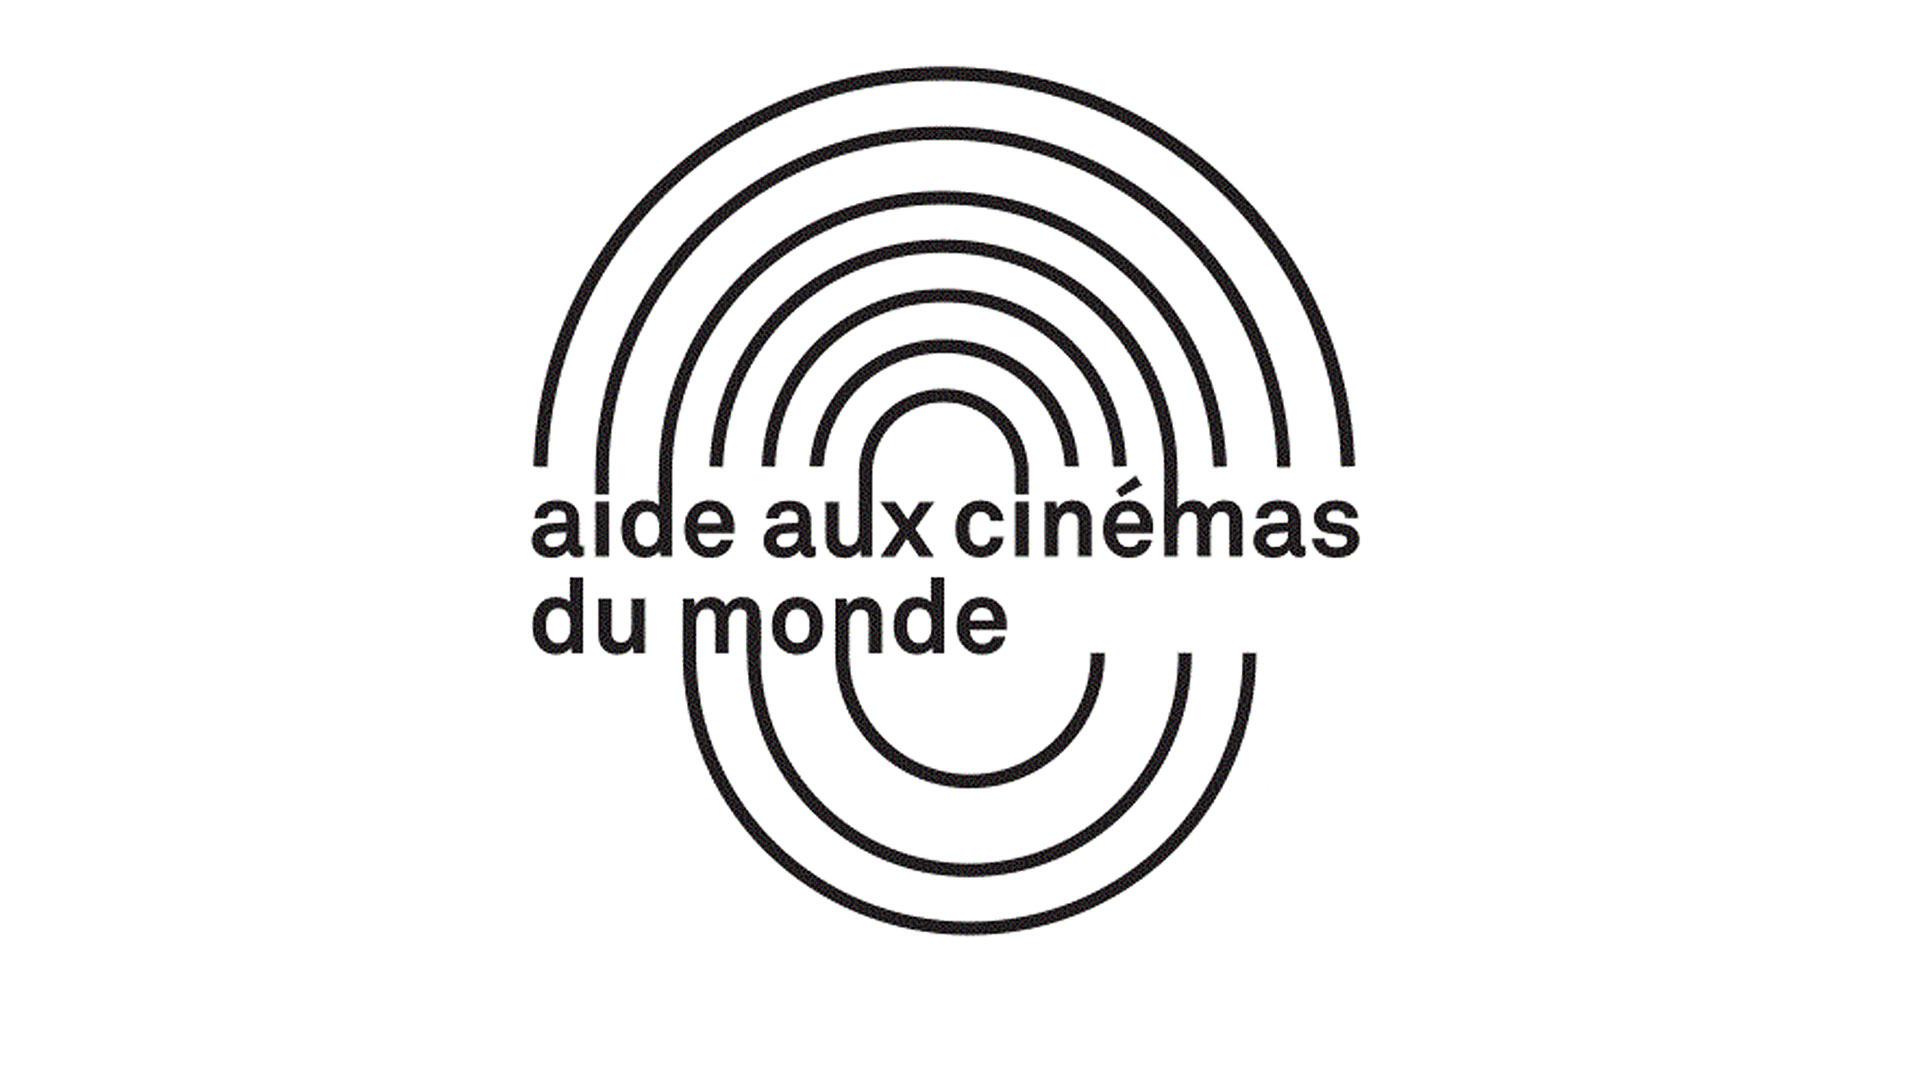 Aide Aux Cinemas Du Monde Cnc